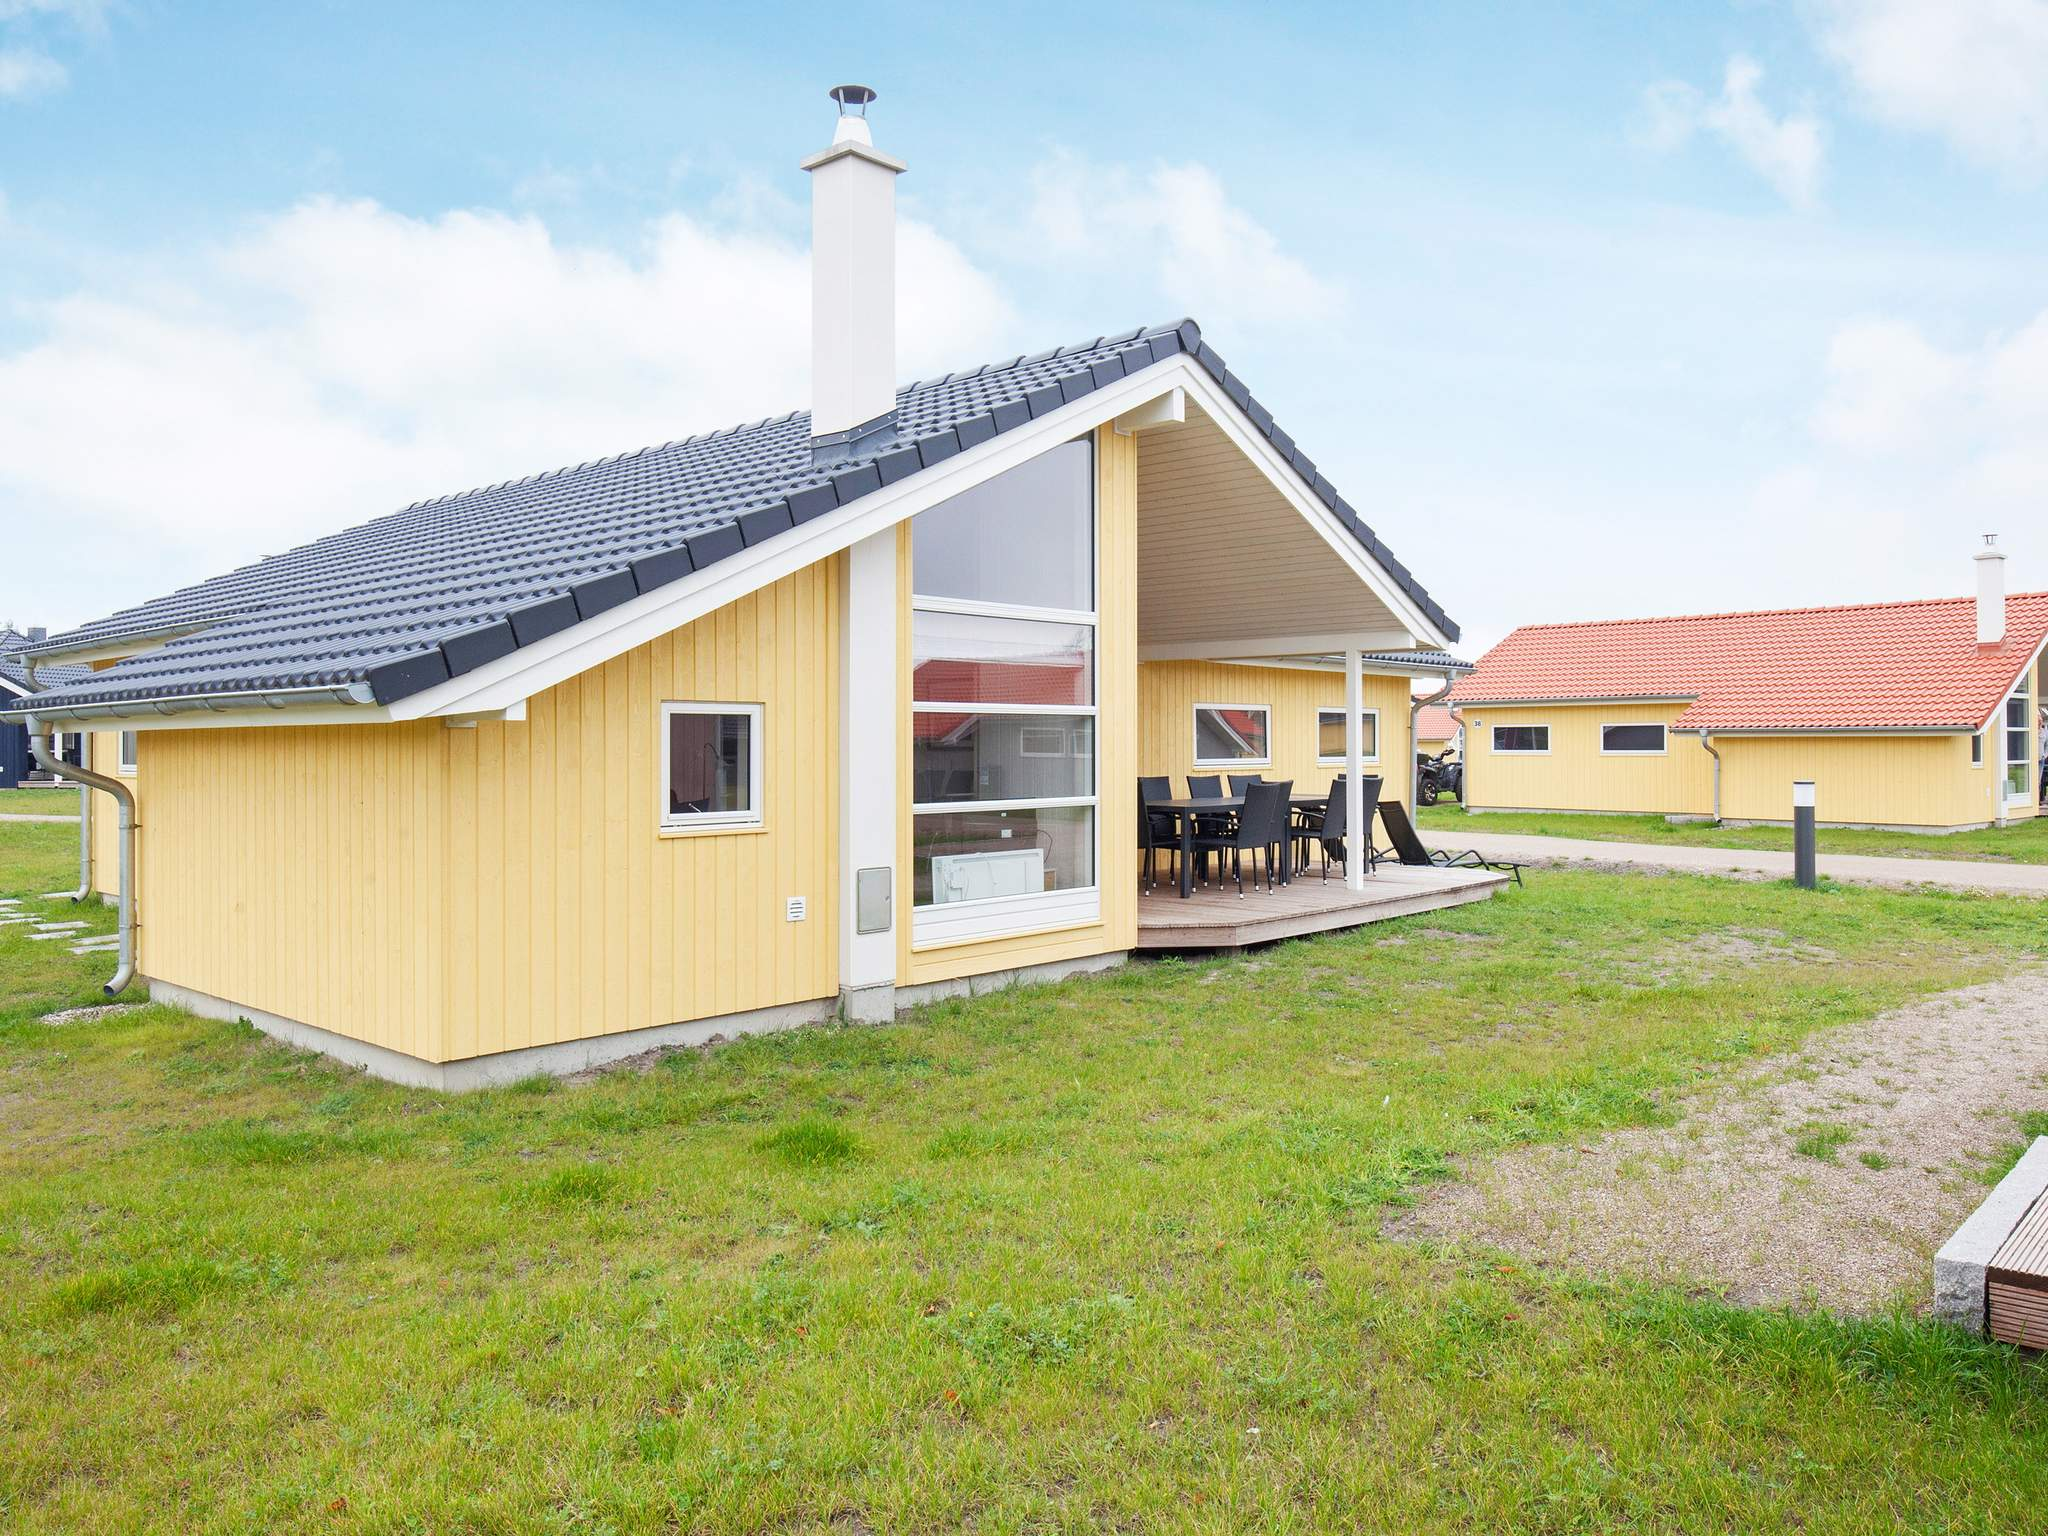 Ferienhaus Großenbrode (2355384), Großenbrode, Ostseespitze Wagrien, Schleswig-Holstein, Deutschland, Bild 20